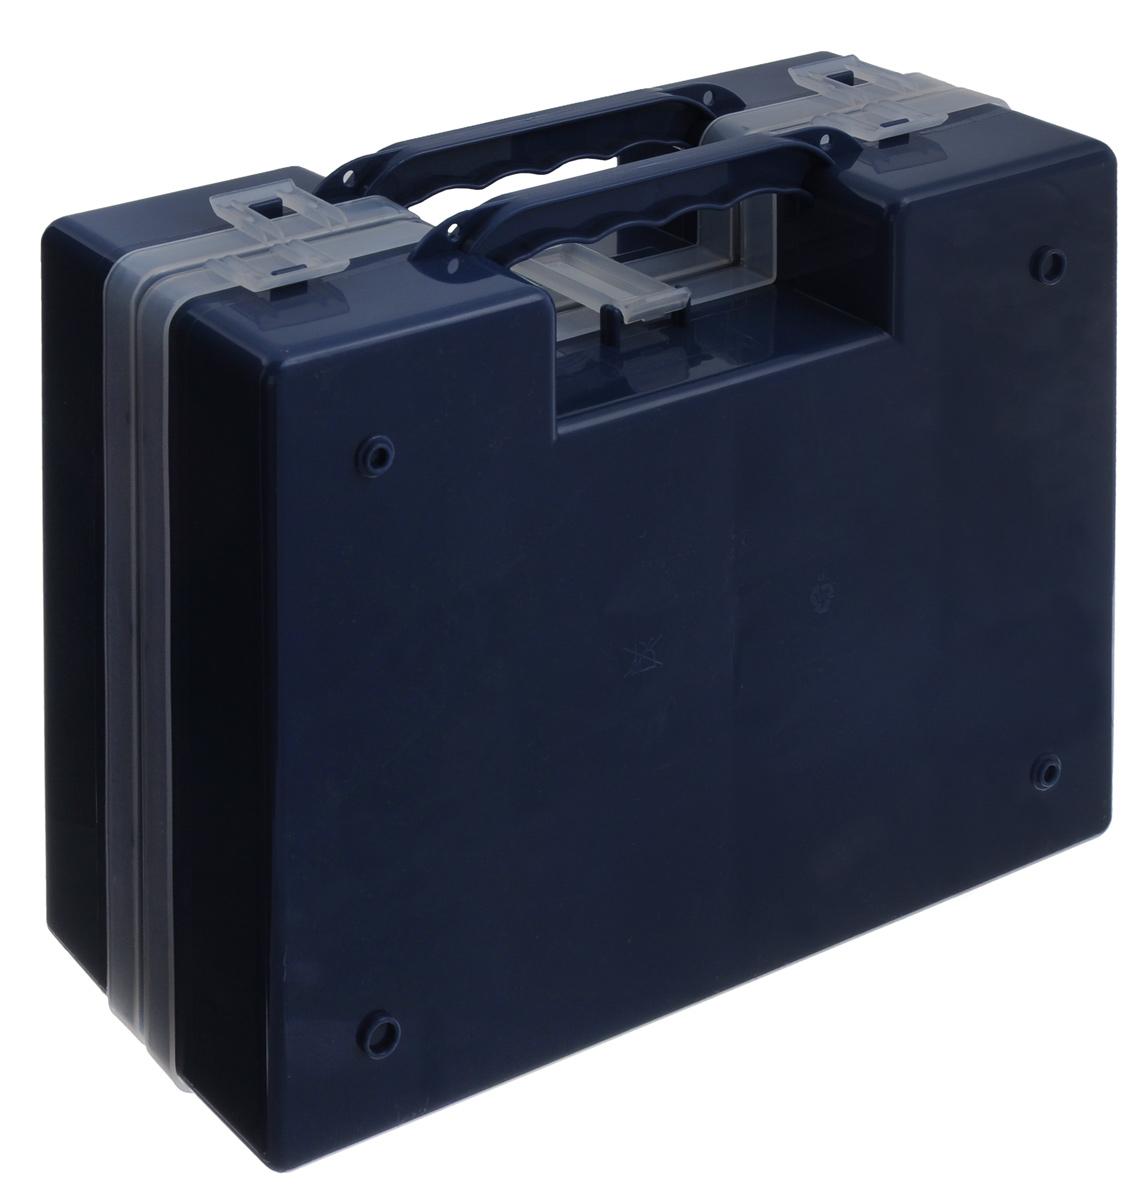 Органайзер Idea, двойной, цвет: синий, 27,2 см х 21,7 см х 10 см16050Органайзер Idea изготовлен из высококачественного прочного пластика и предназначен для хранения и переноски инструментов. Состоит из 2-х органайзеров, прикрепленных друг к другу. Внутри каждого - 14 прямоугольных секций разной формы.Органайзеры надежно закрываются при помощи пластмассовых защелок. Крышки выполнены из прозрачного пластика, что позволяет видеть содержимое.Благодаря специальным крепежам оба органайзера надежно соединены друг с другом.Размеры секций:24 секции Размер: 6,6 см х 5,3 см х 4,7 см;4 секции Размер: 8,1 см х 3,3 см х 4,7 см.